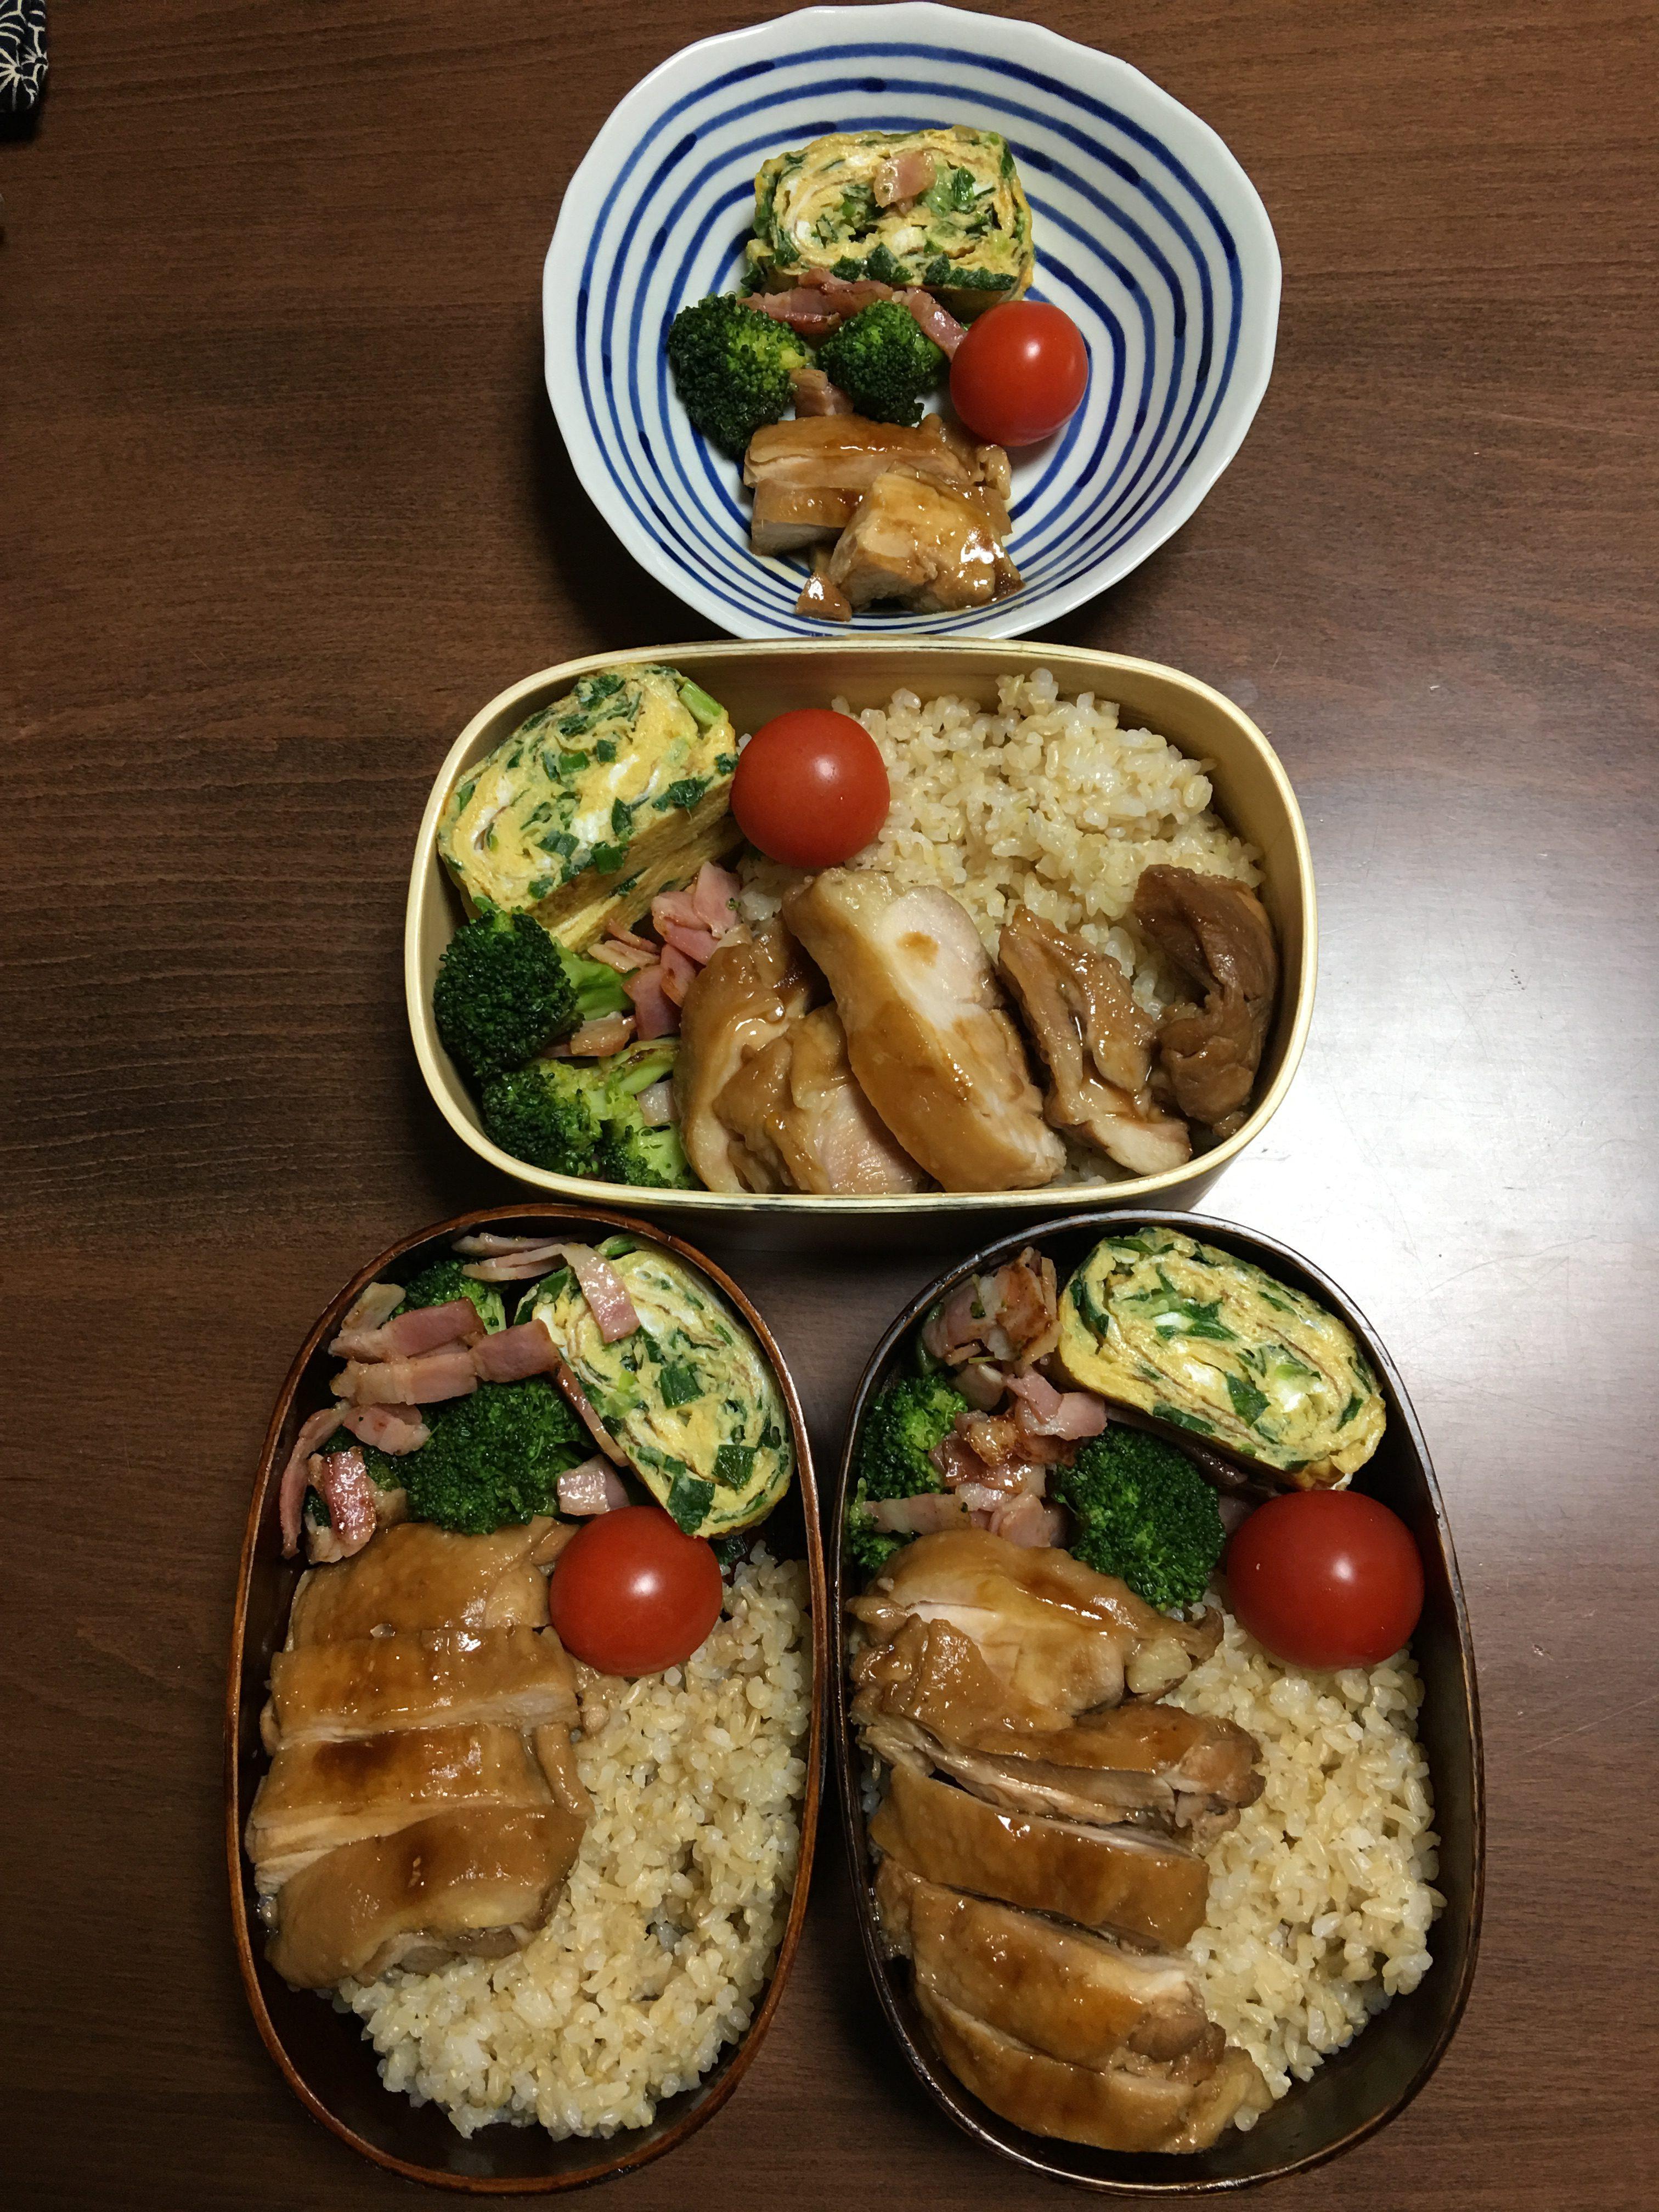 鶏の照り焼き/玄米について